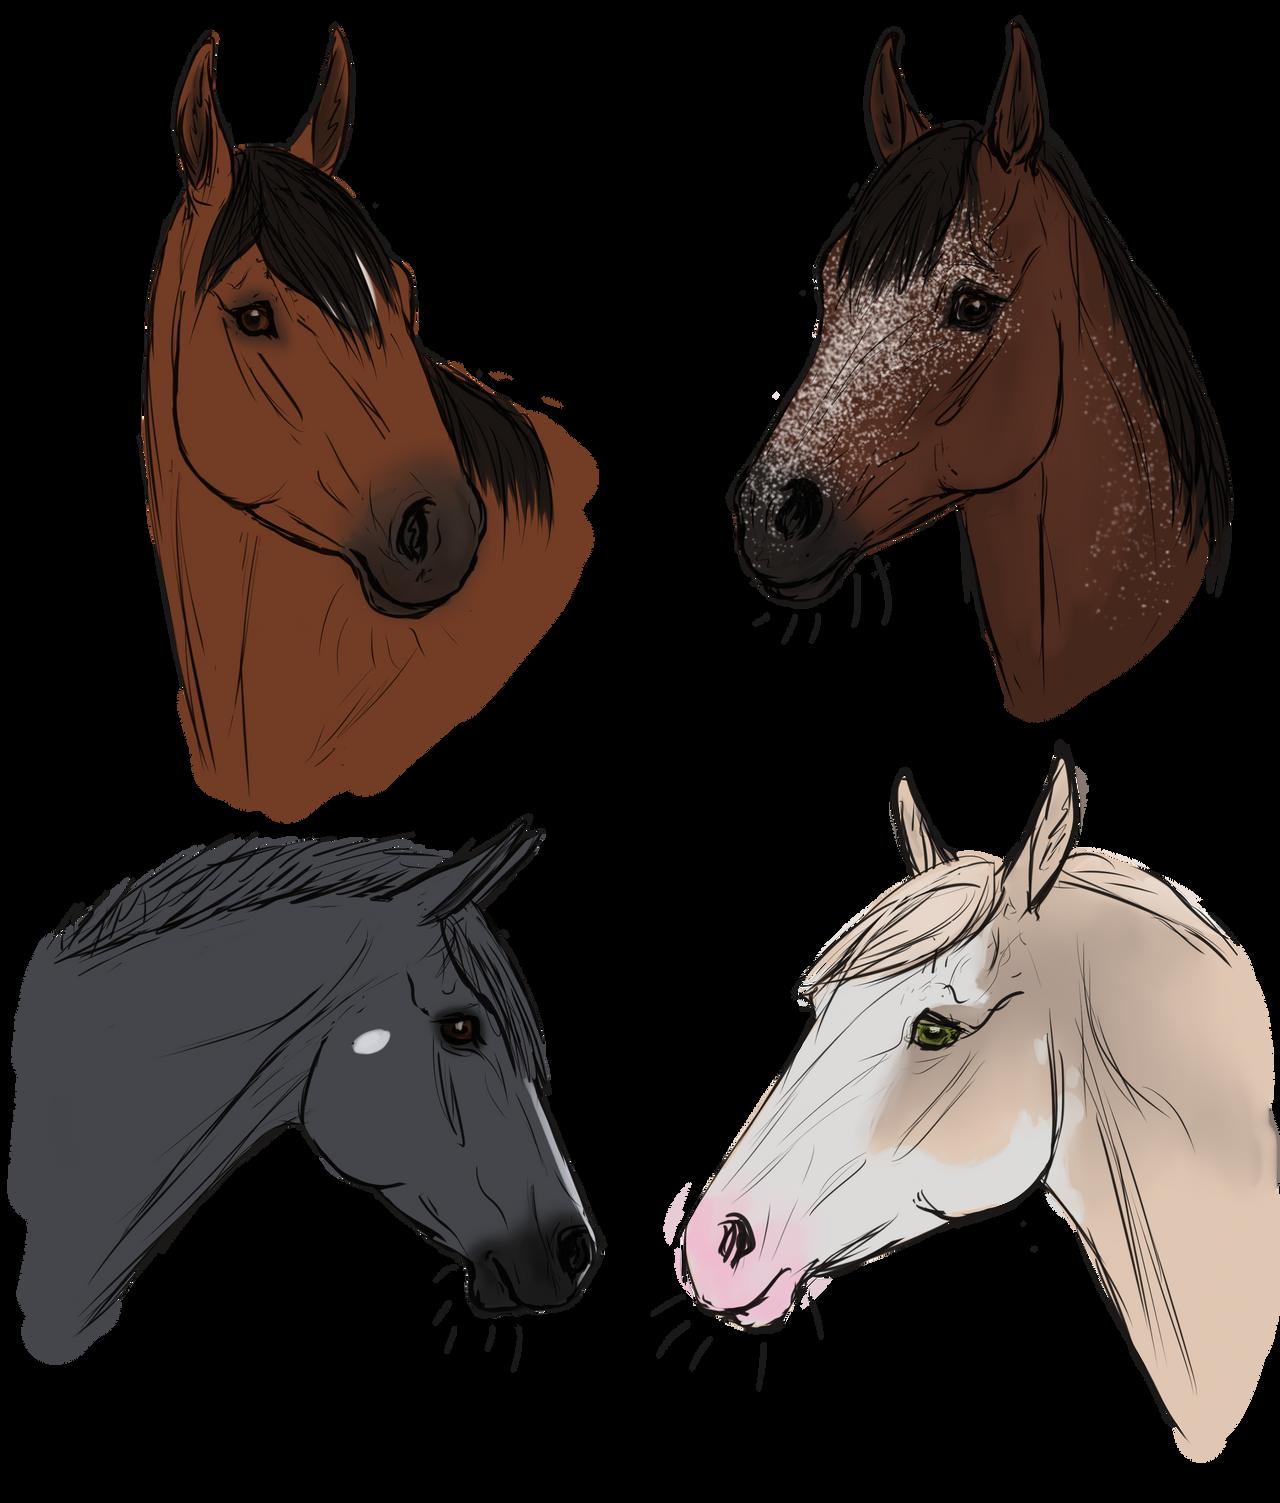 Halloweeny headless horses